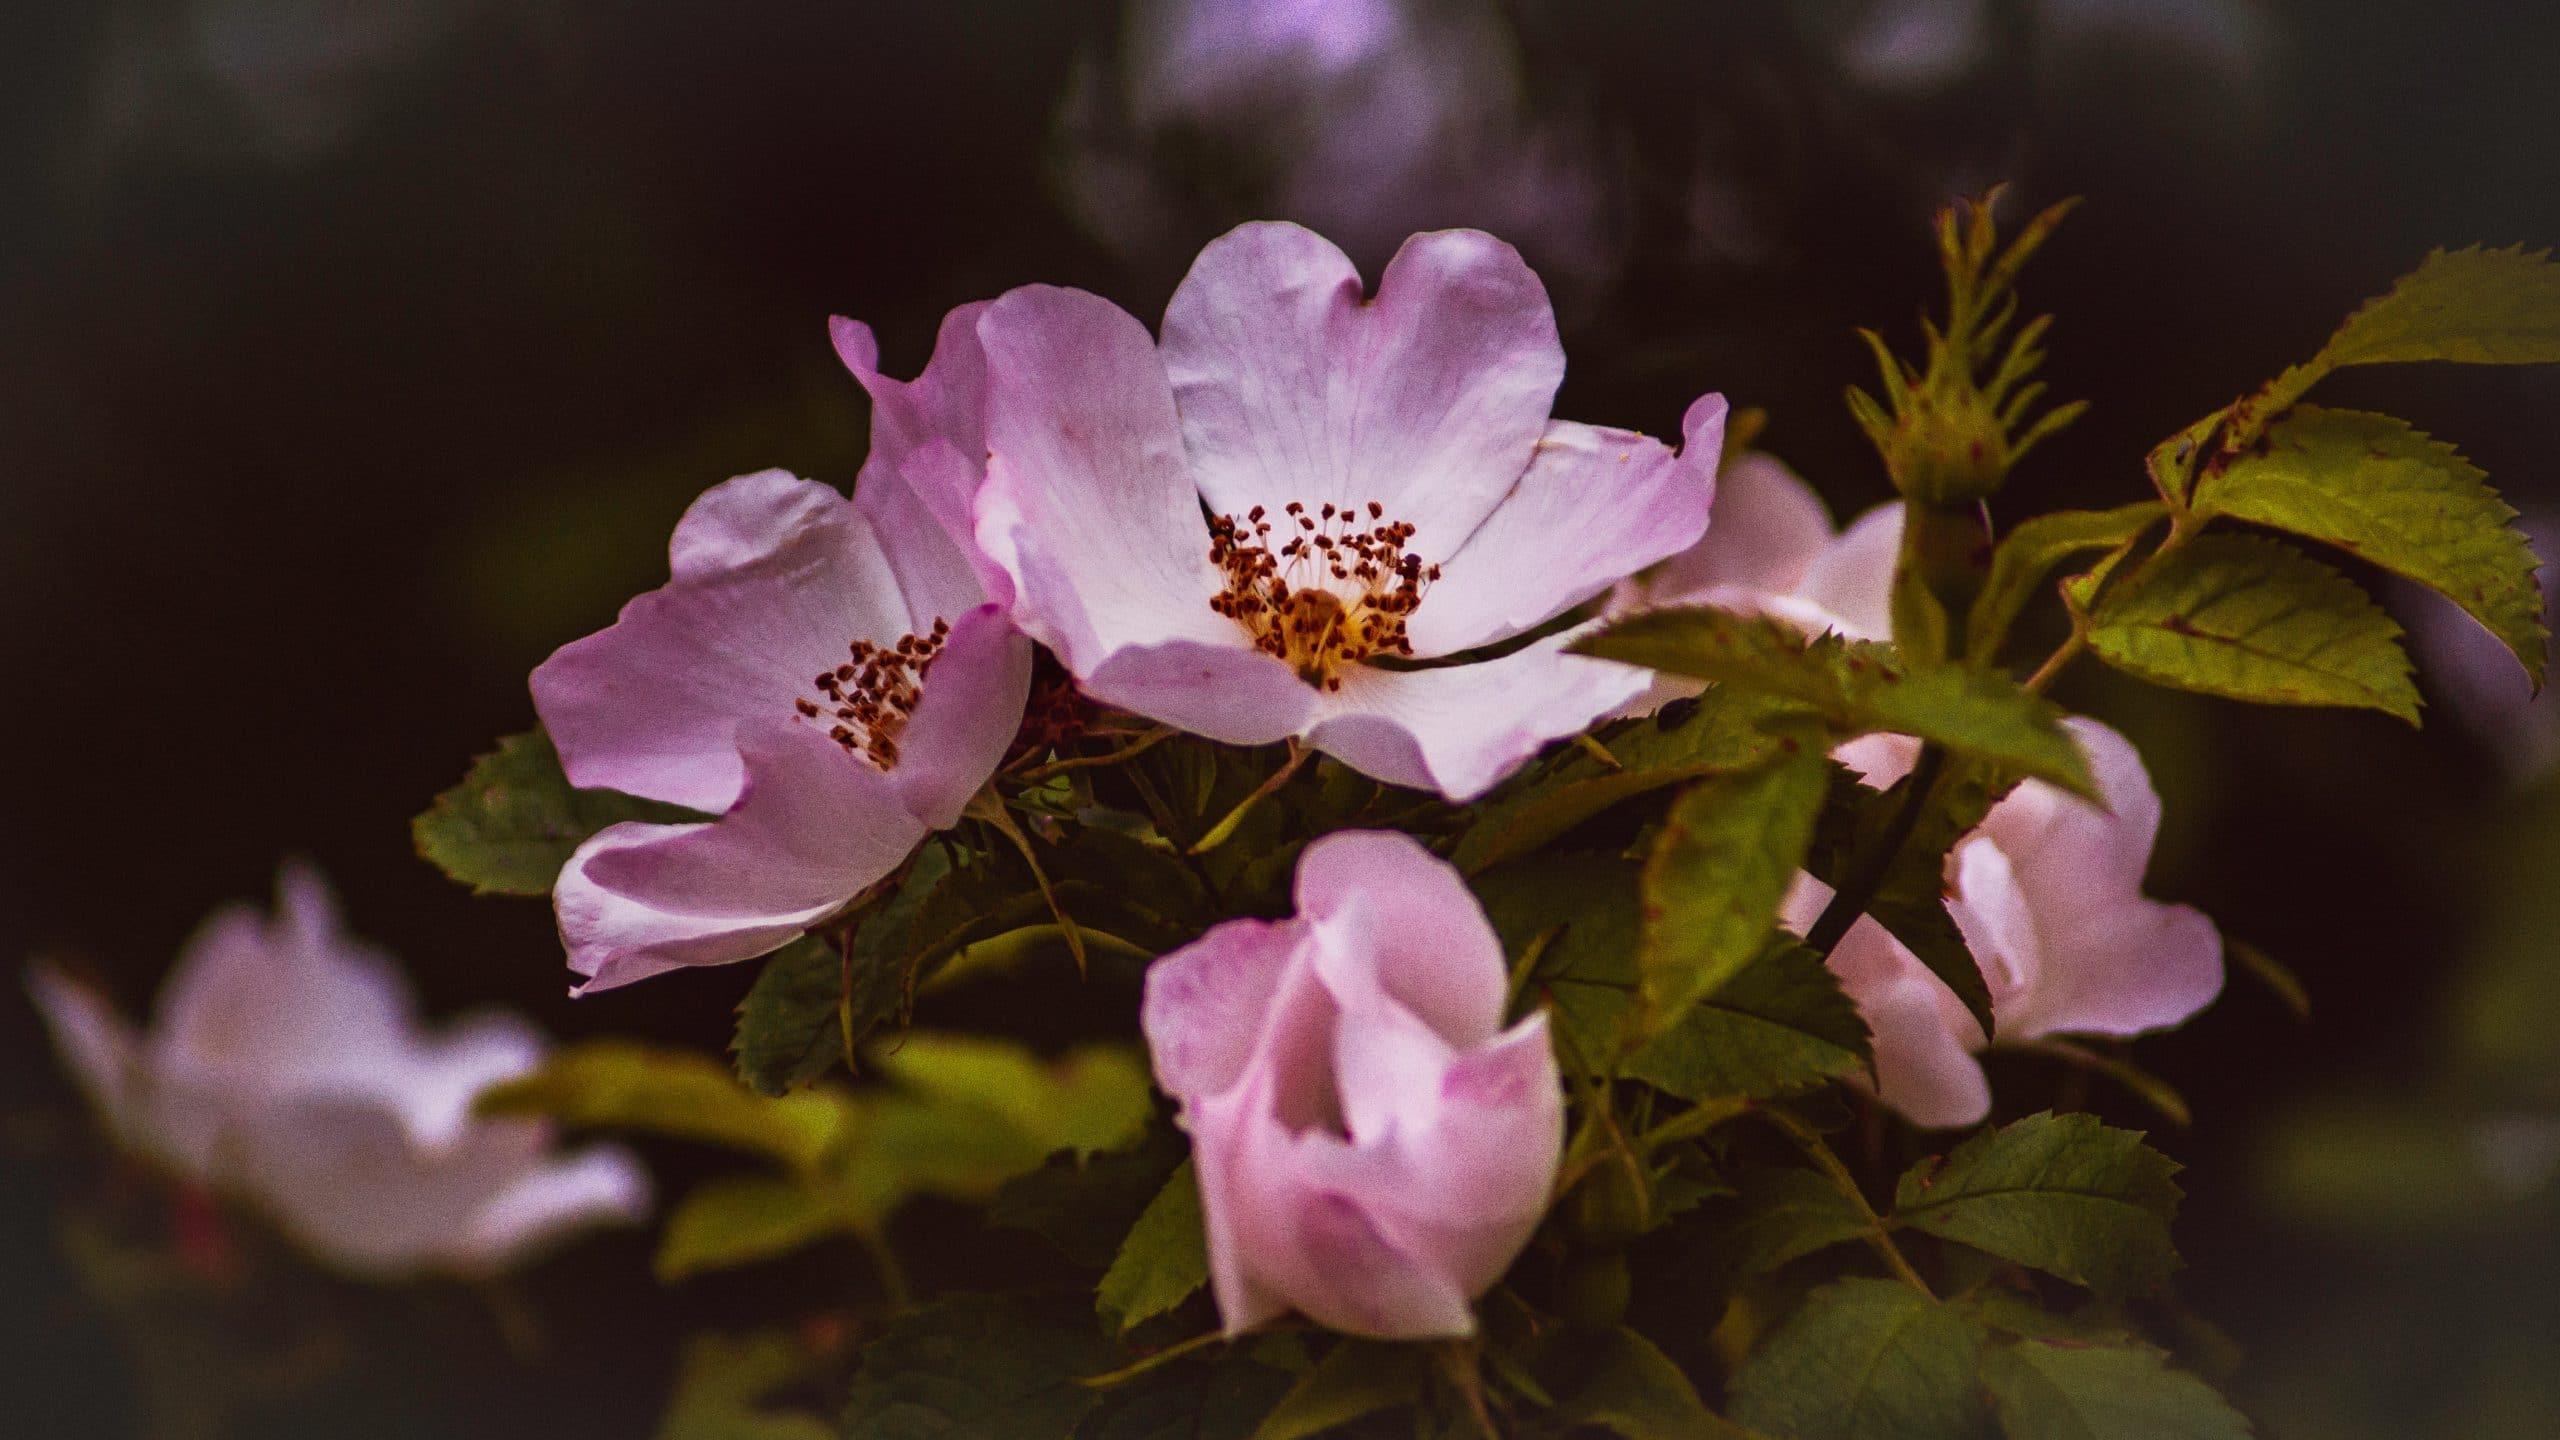 Les fleurs de Bach, qu'est-ce que c'est ?